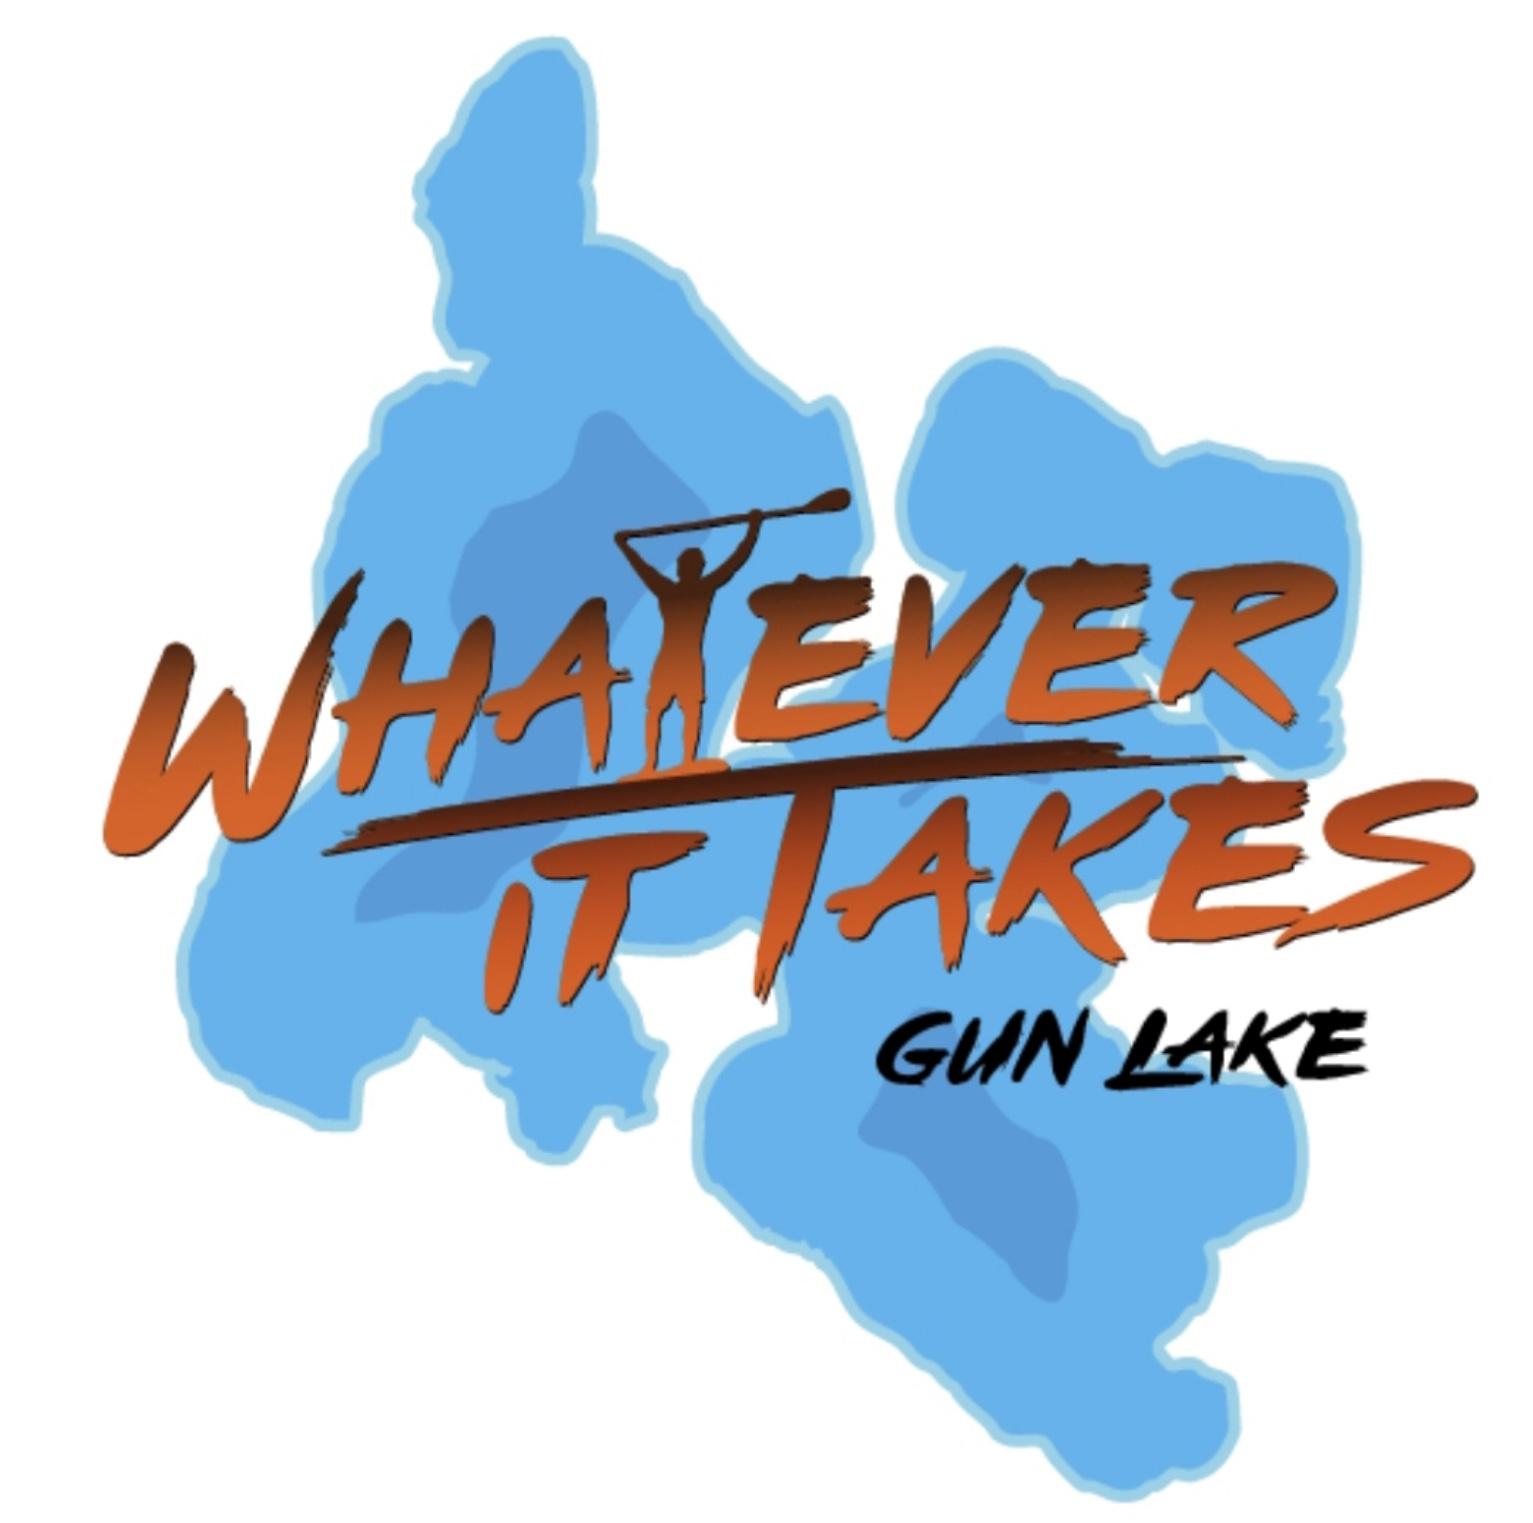 db3270028e6c4 Whatever It Takes on Gun Lake